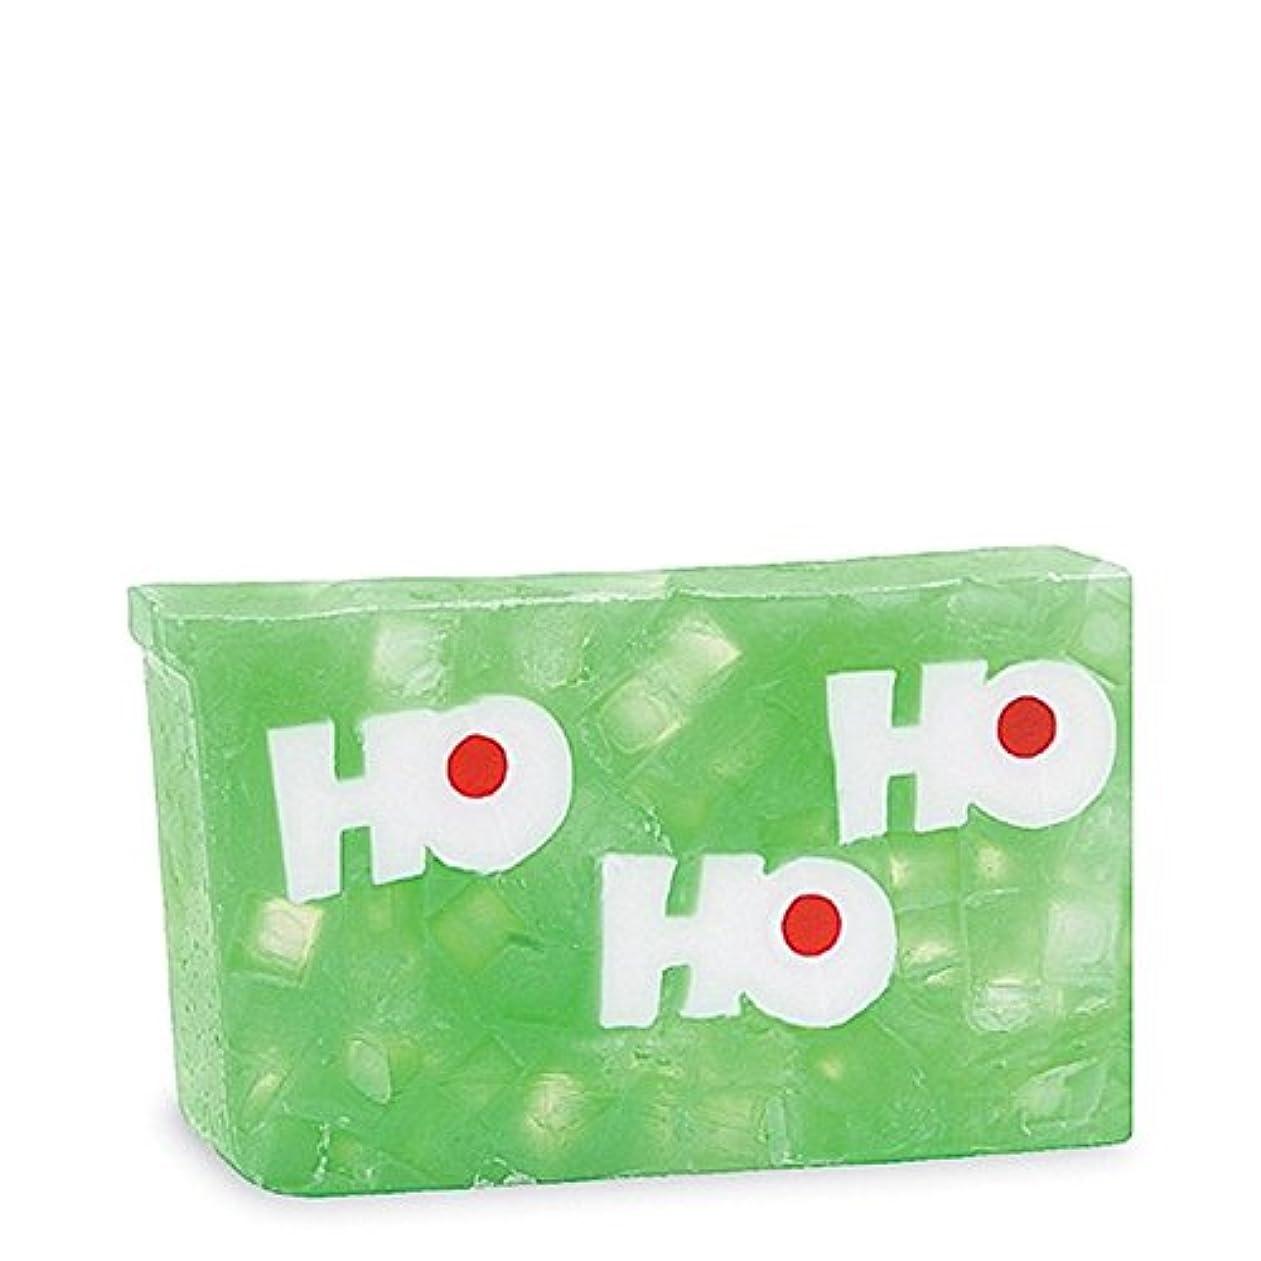 実際の対応差別原初の要素ホーホーホ石鹸 x4 - Primal Elements Ho Ho Ho Soap (Pack of 4) [並行輸入品]